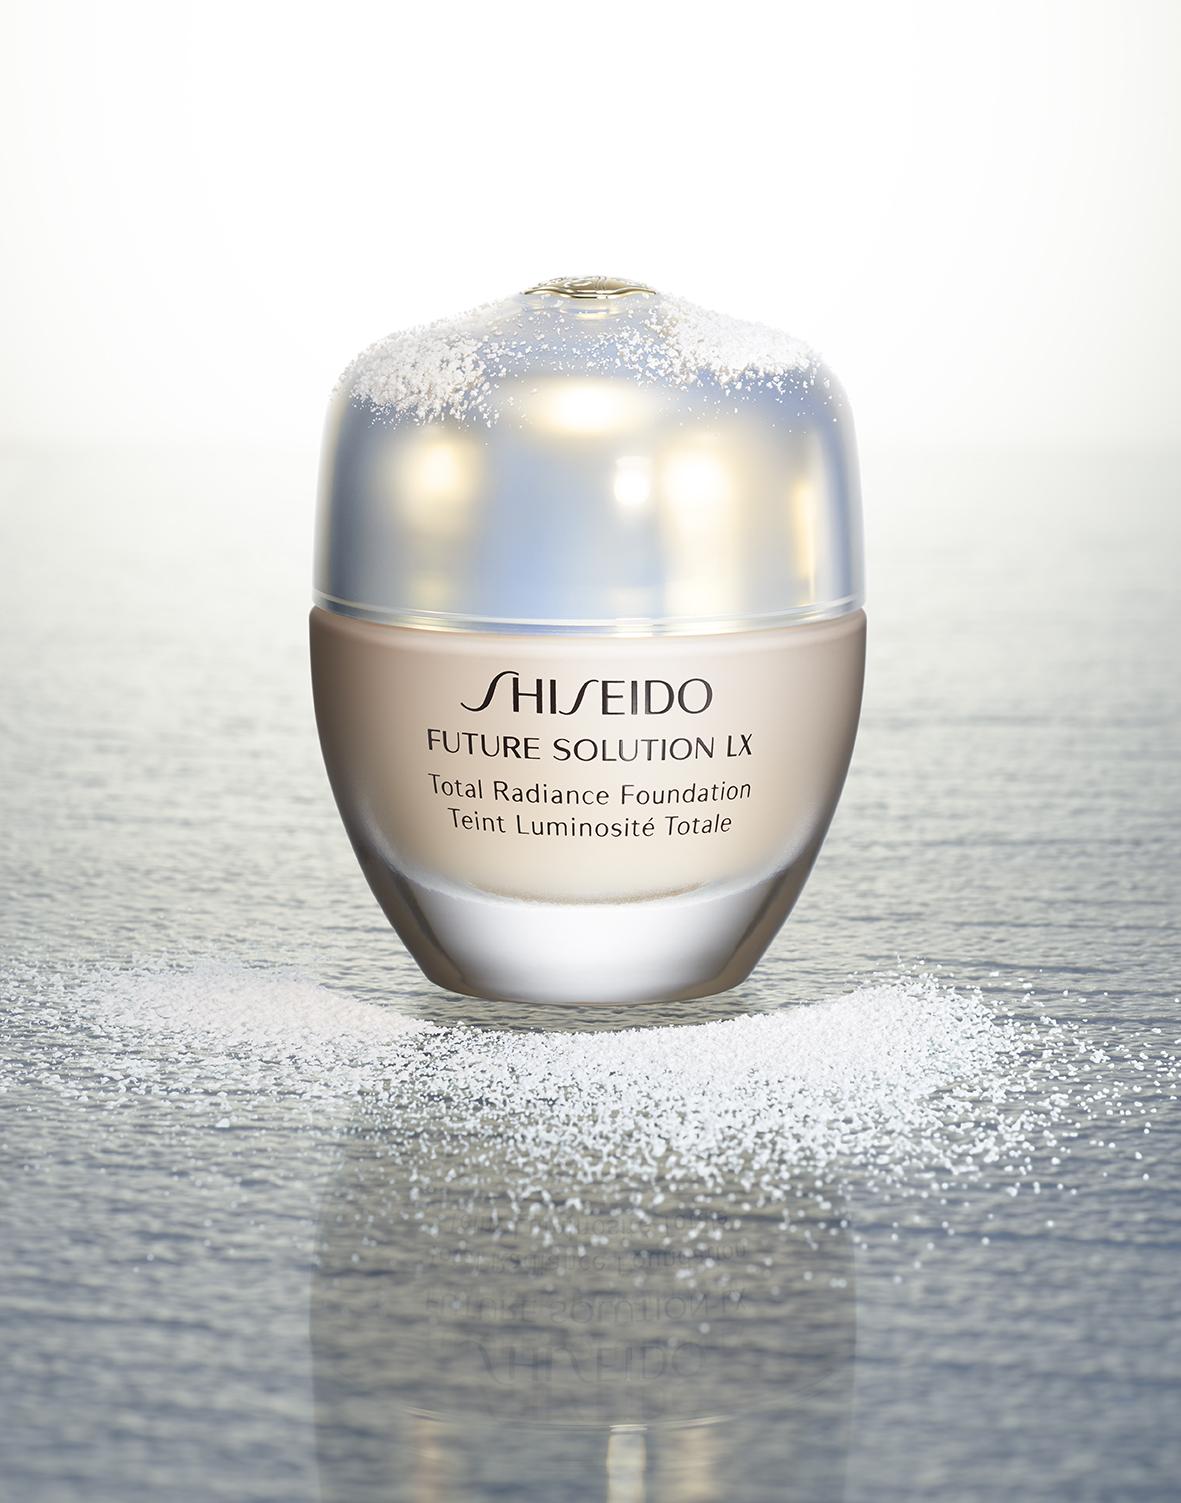 ShiseidoFS_140317